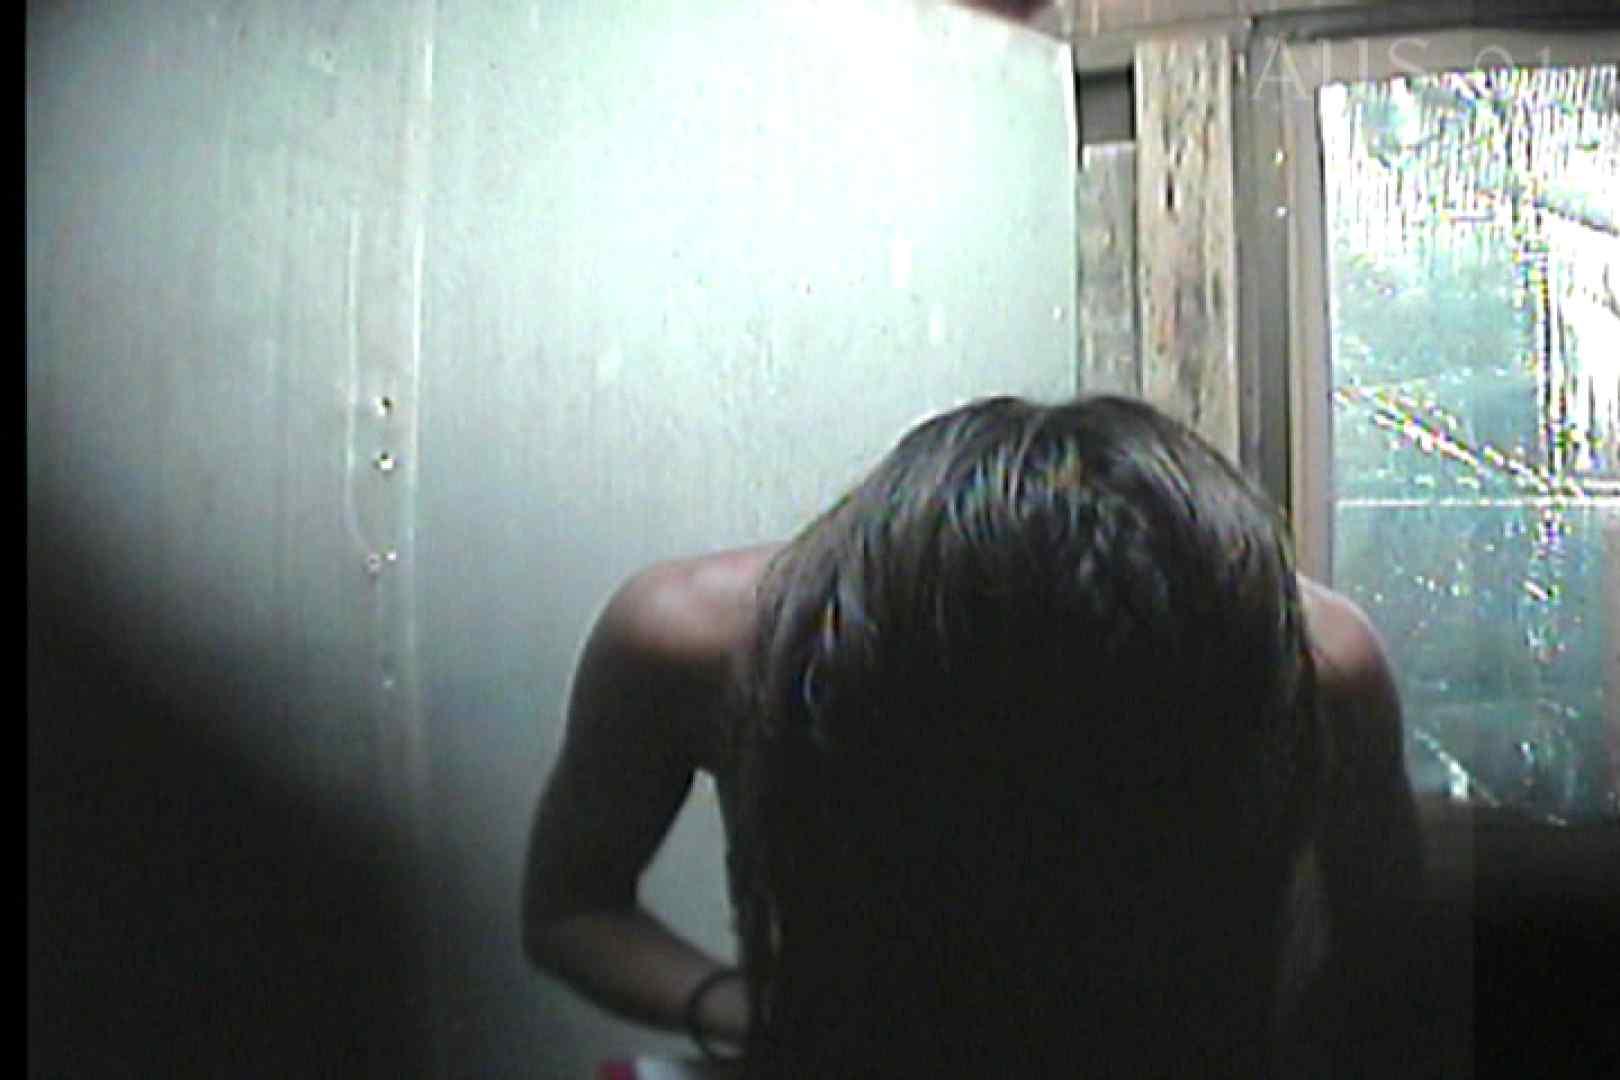 海の家の更衣室 Vol.05 OLの実態   美女  84pic 10